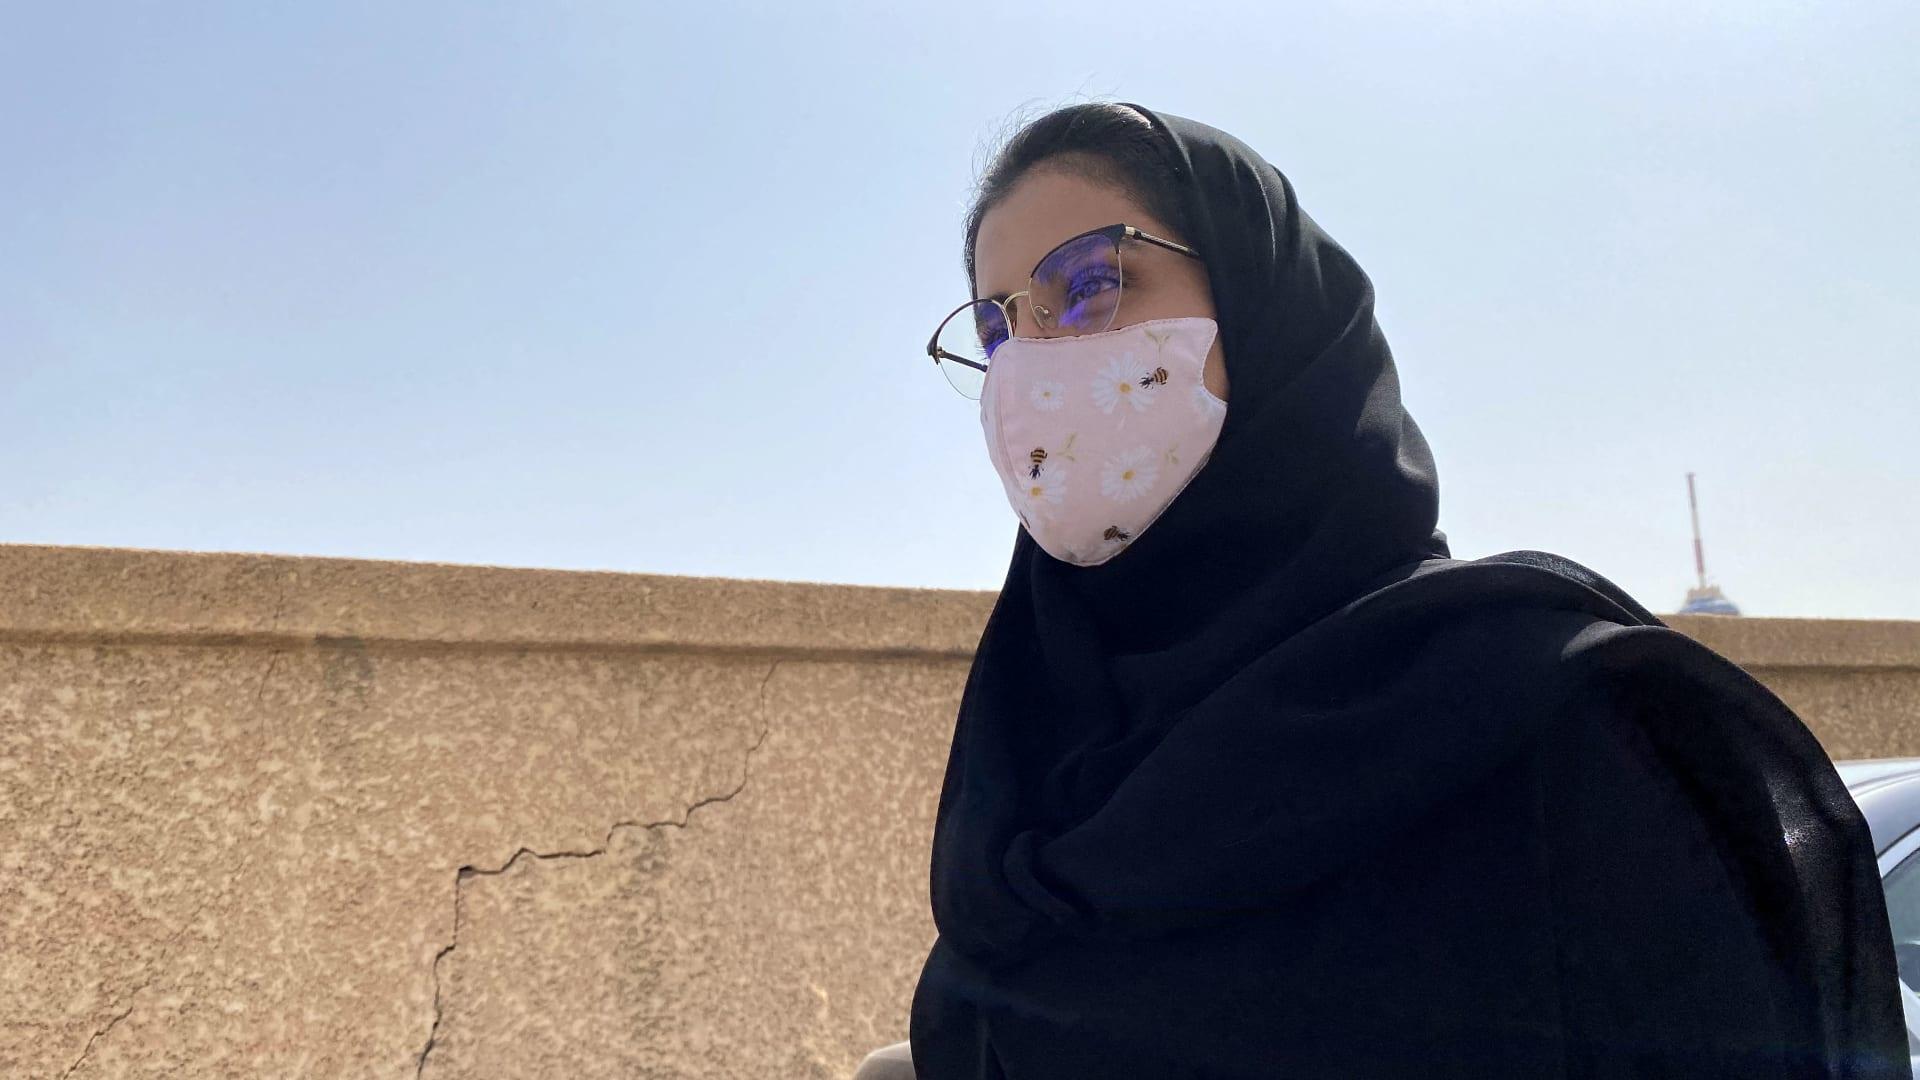 لجين الهذلول عن مغنية تونسية: كانت أحد أسباب نهوضي بعد كل انتكاسة